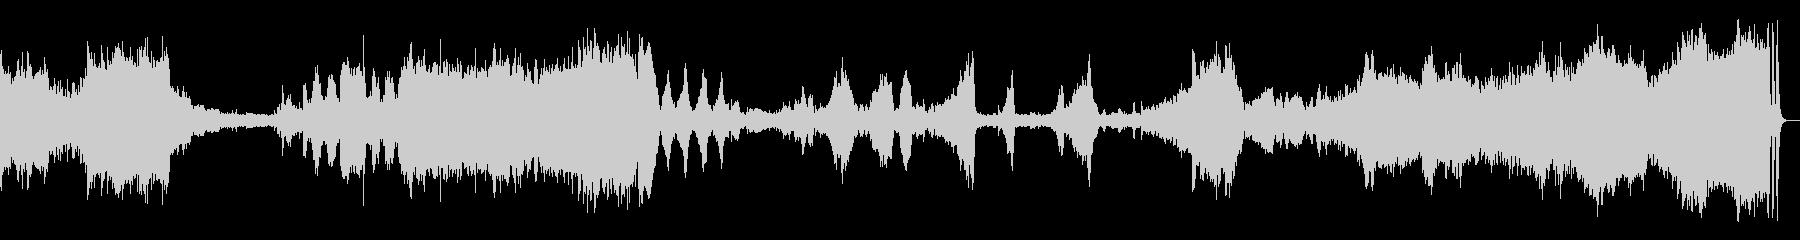 マイスタージンガー前奏曲 | ワーグナーの未再生の波形